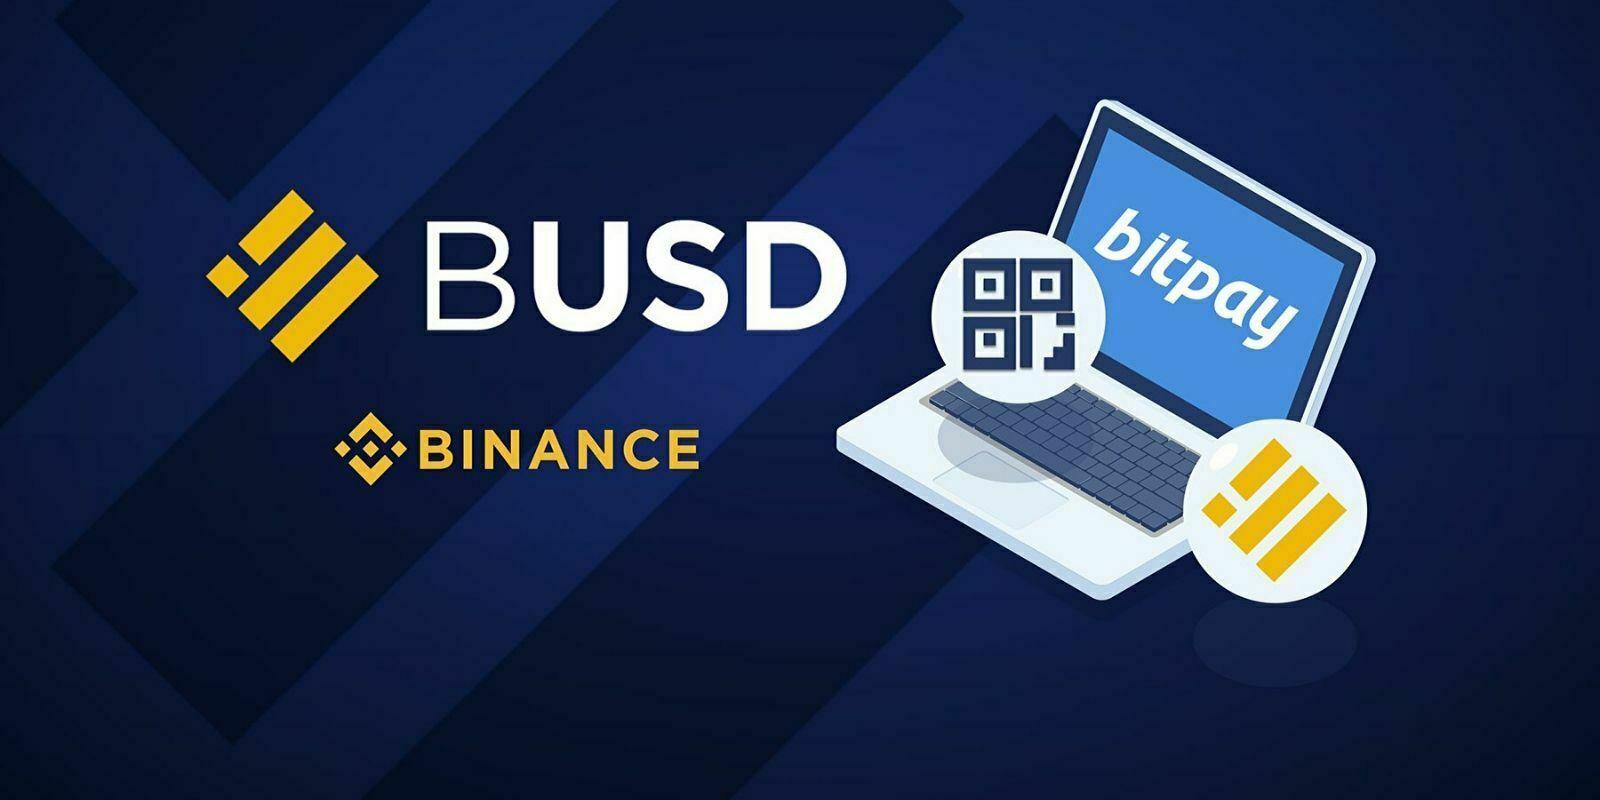 BitPay s'associe avec Binance et intègre les paiements avec le BUSD